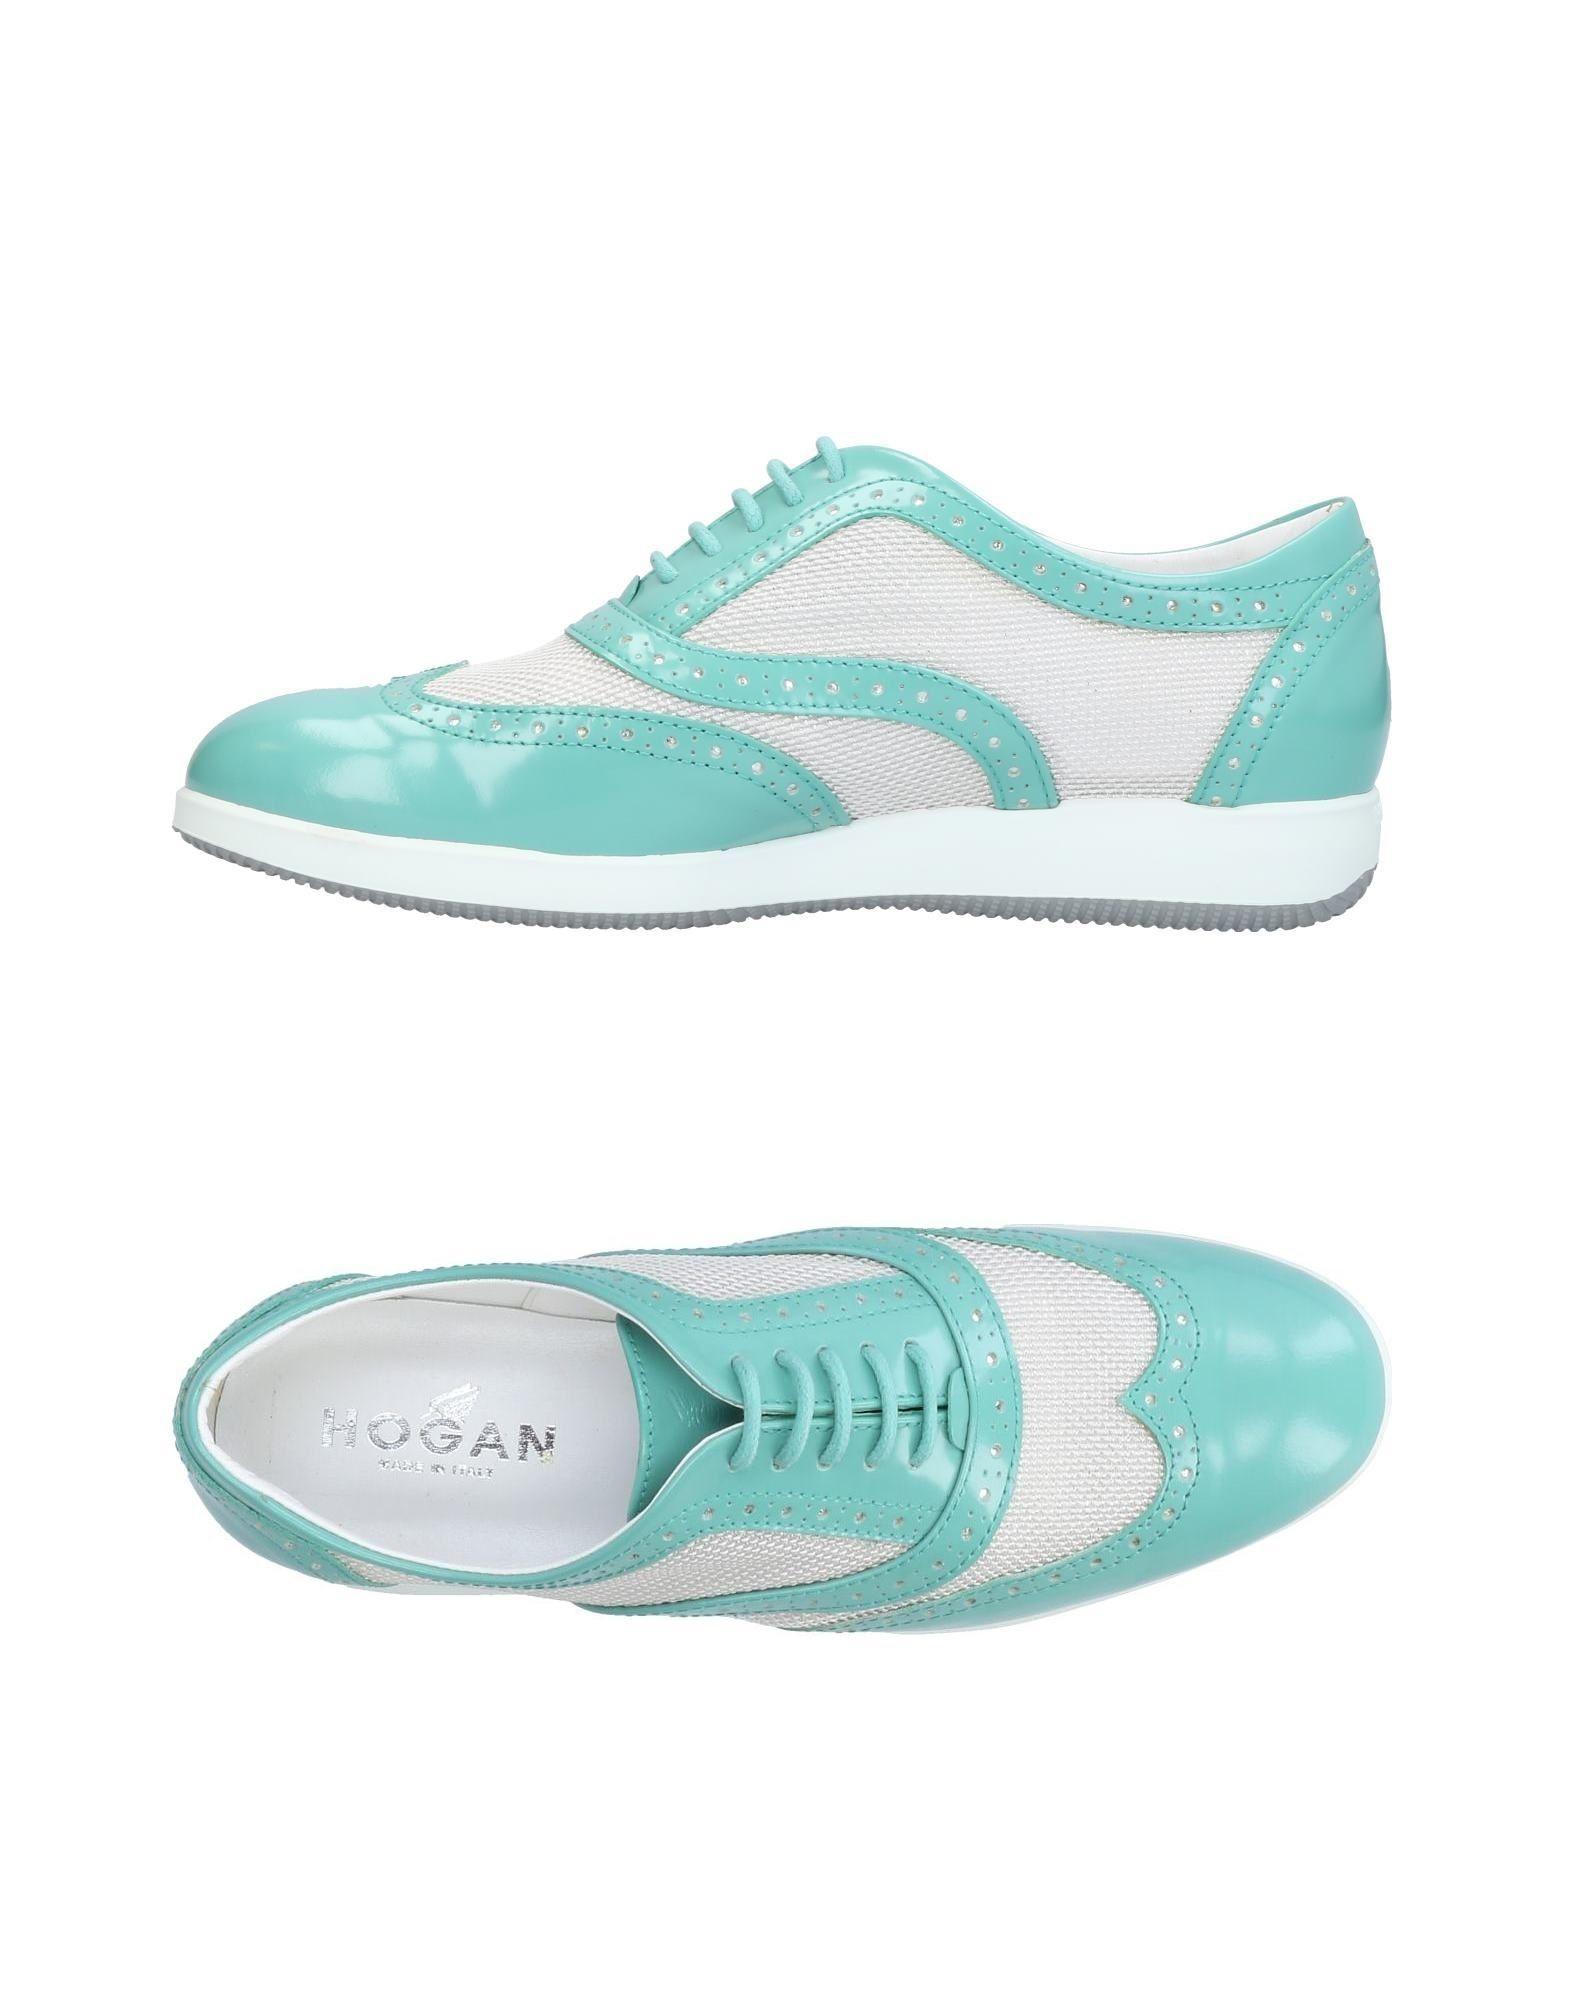 Hogan Schnürschuhe Damen  11460417QG Gute Qualität beliebte Schuhe